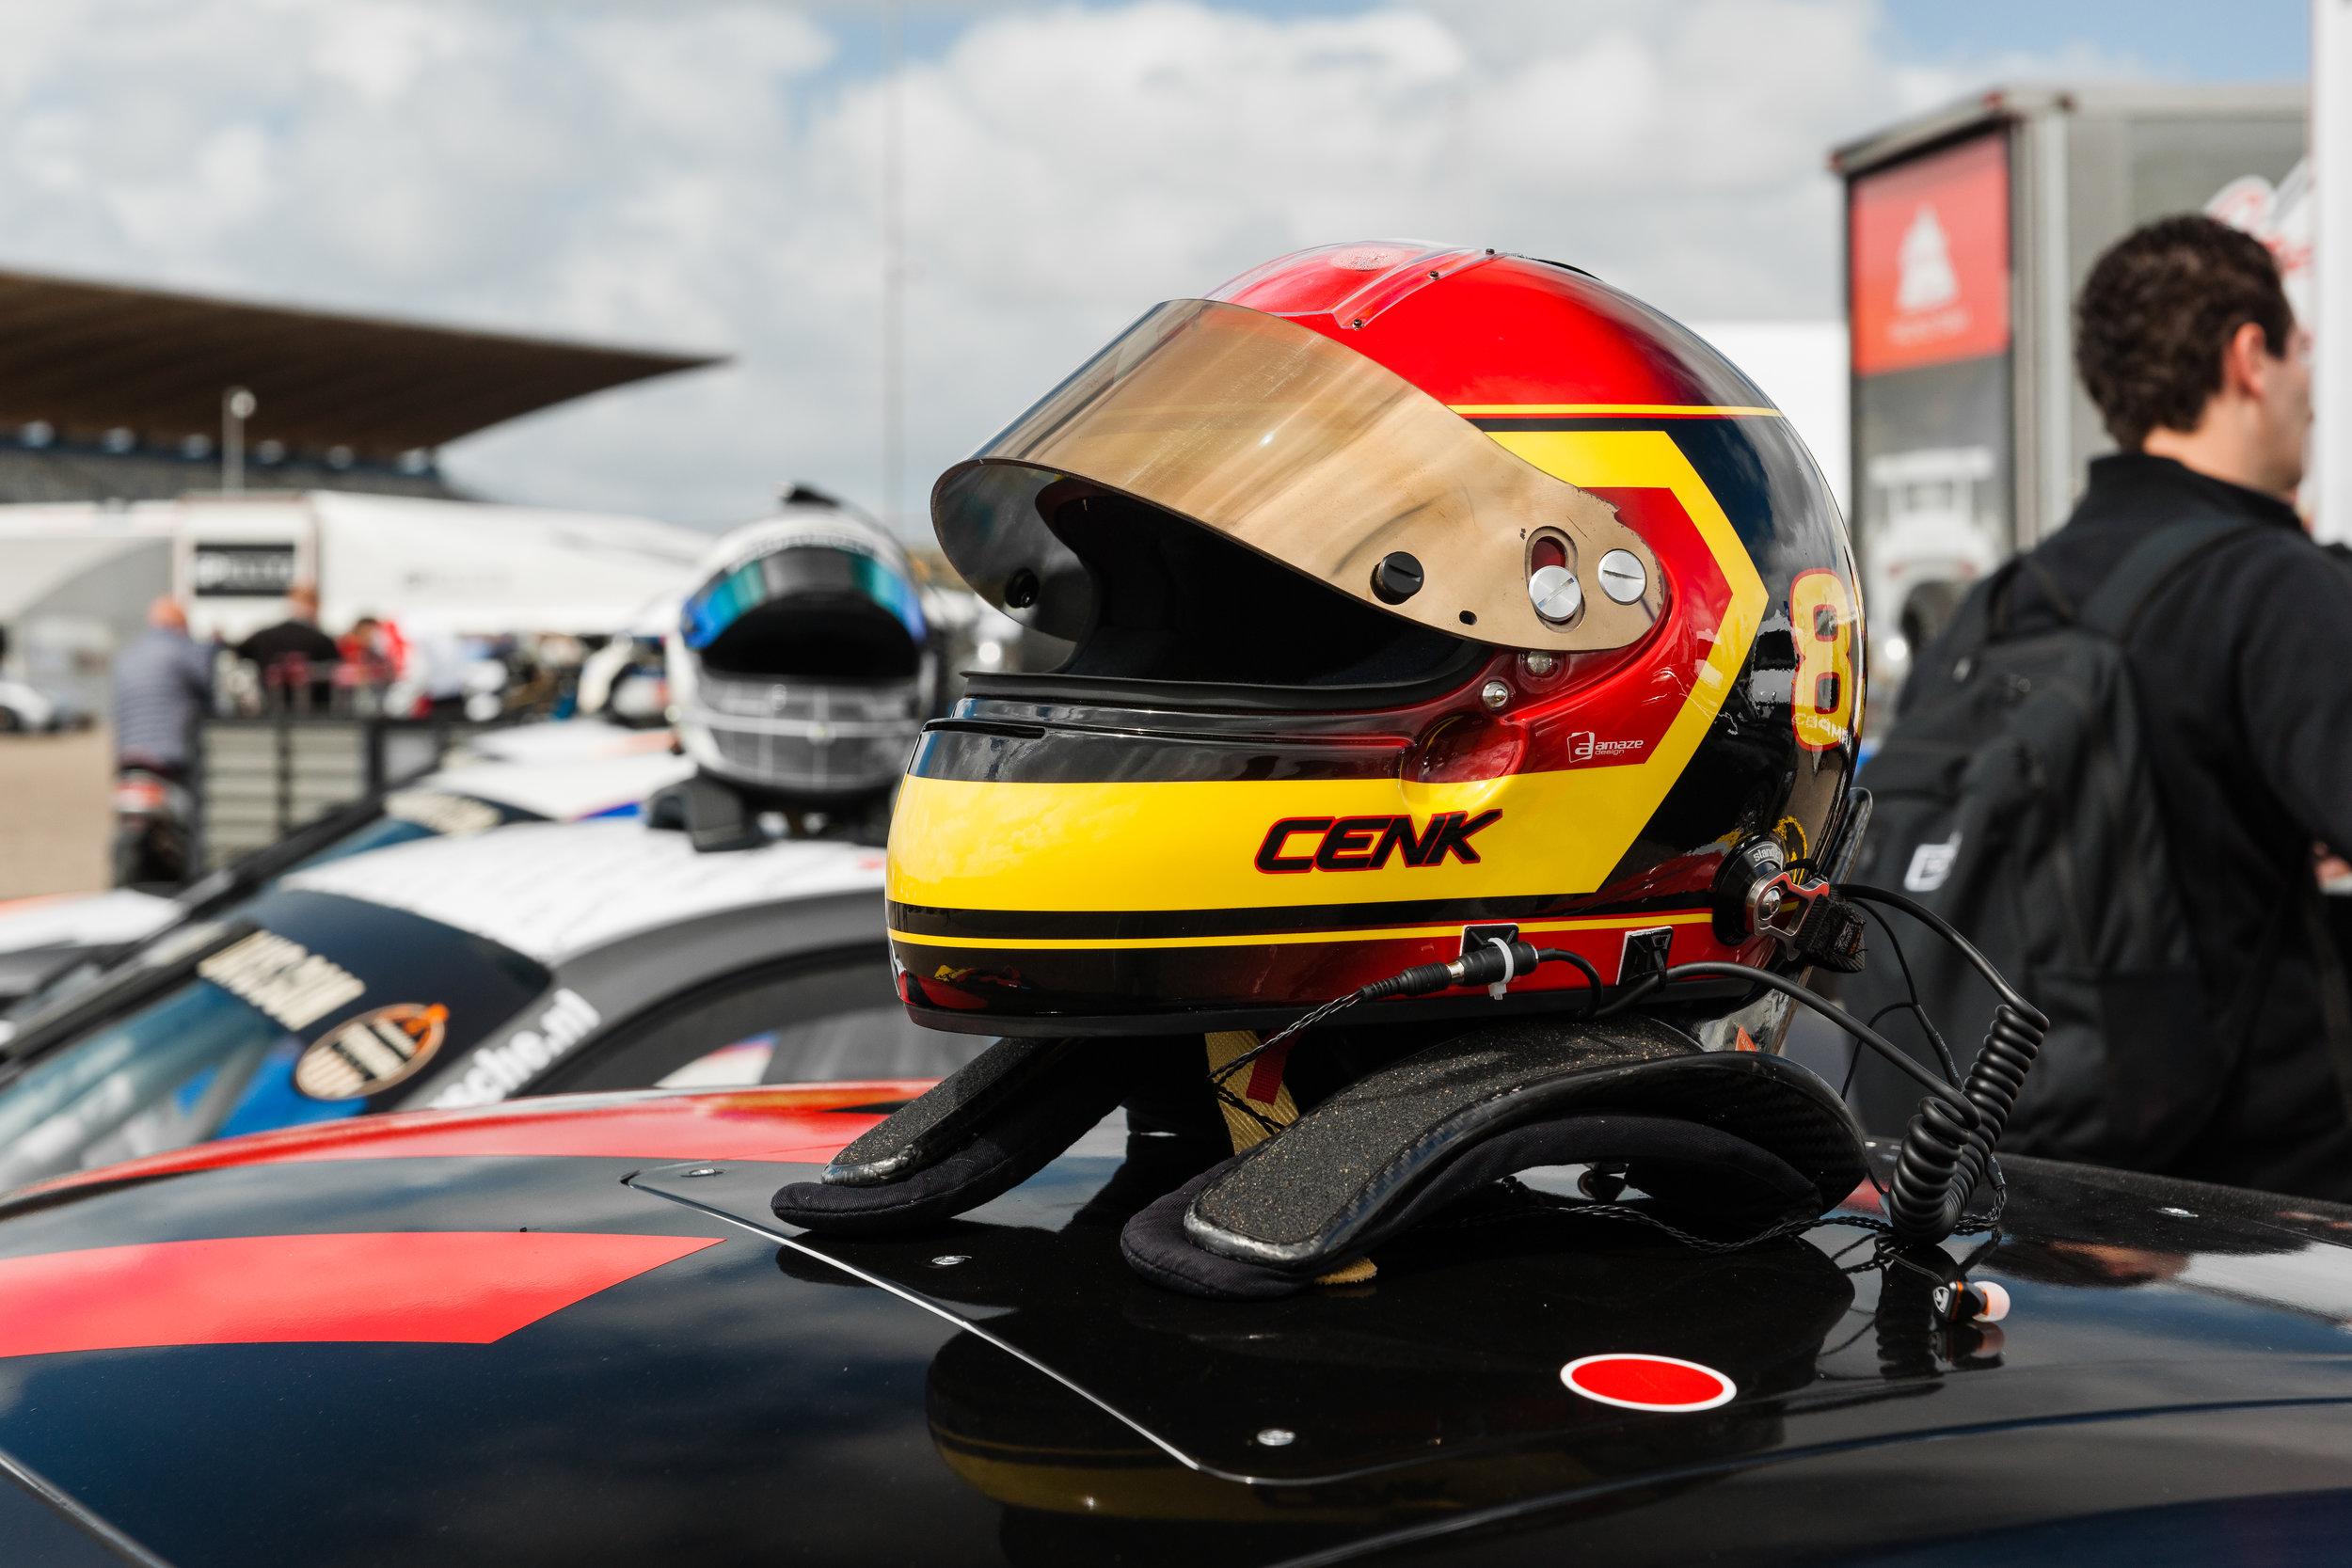 Helmet on a Porsche